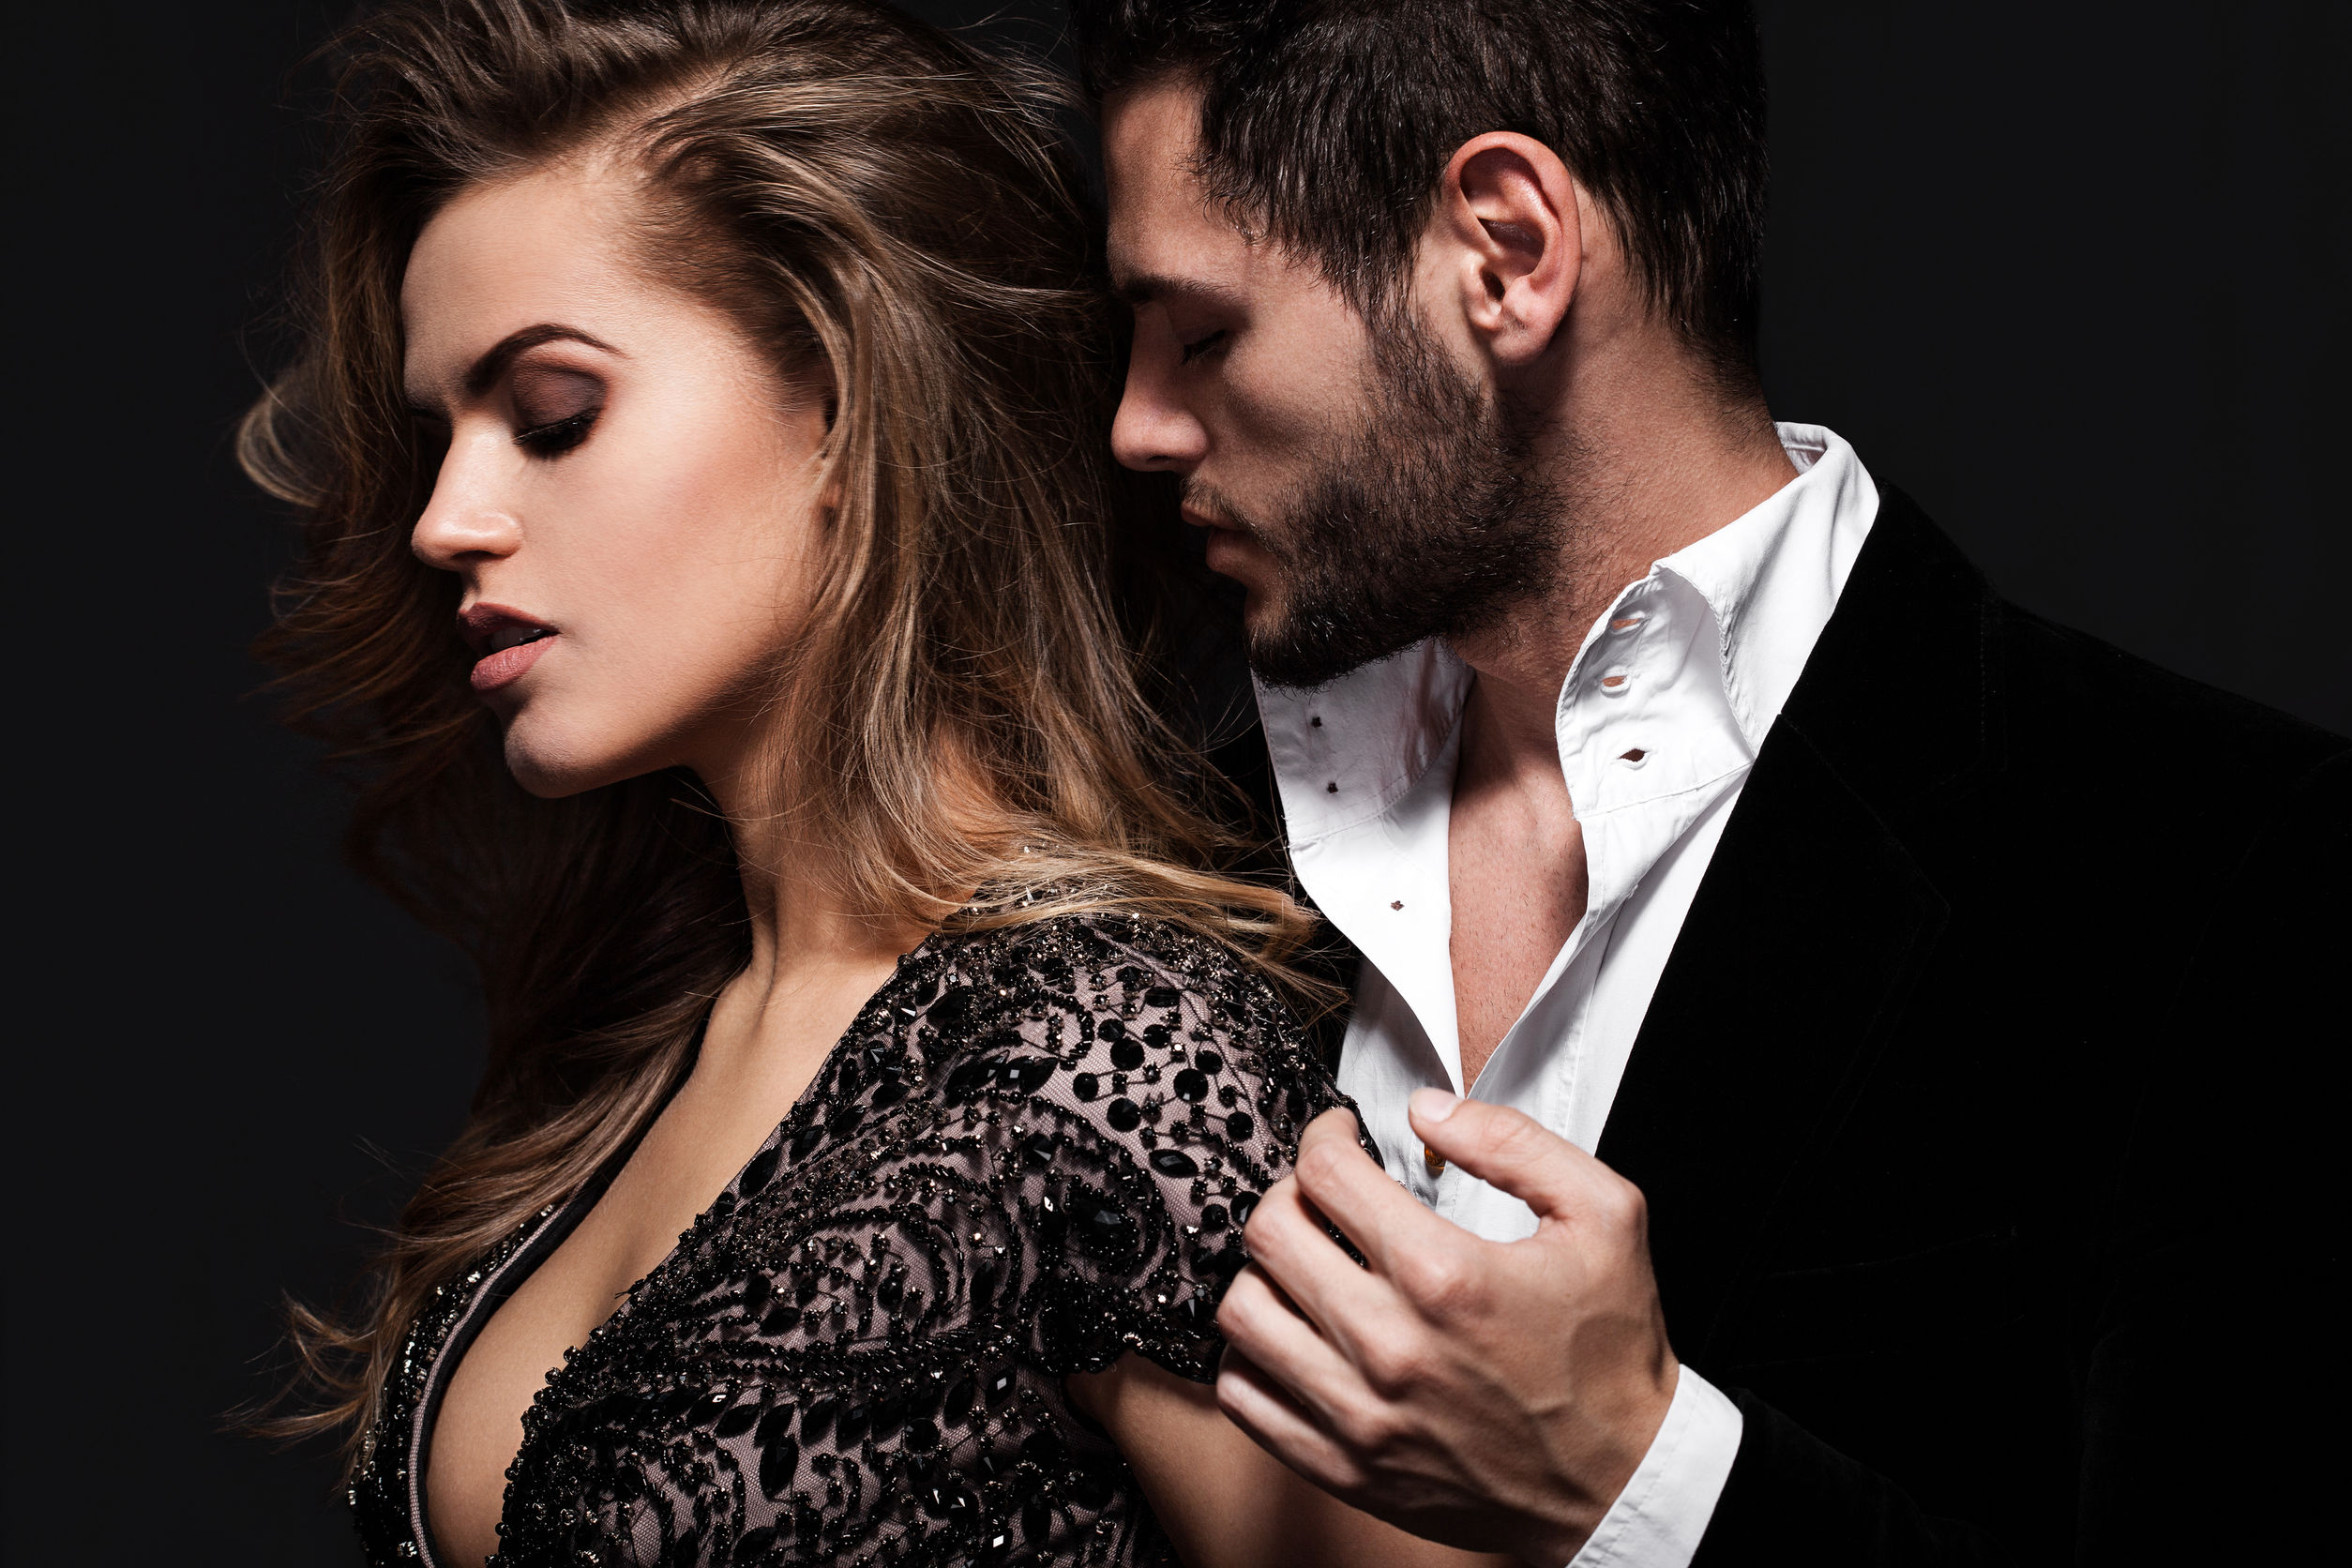 Una de las especialidades del Instituto de Psicología Psicode es la terapia de pareja